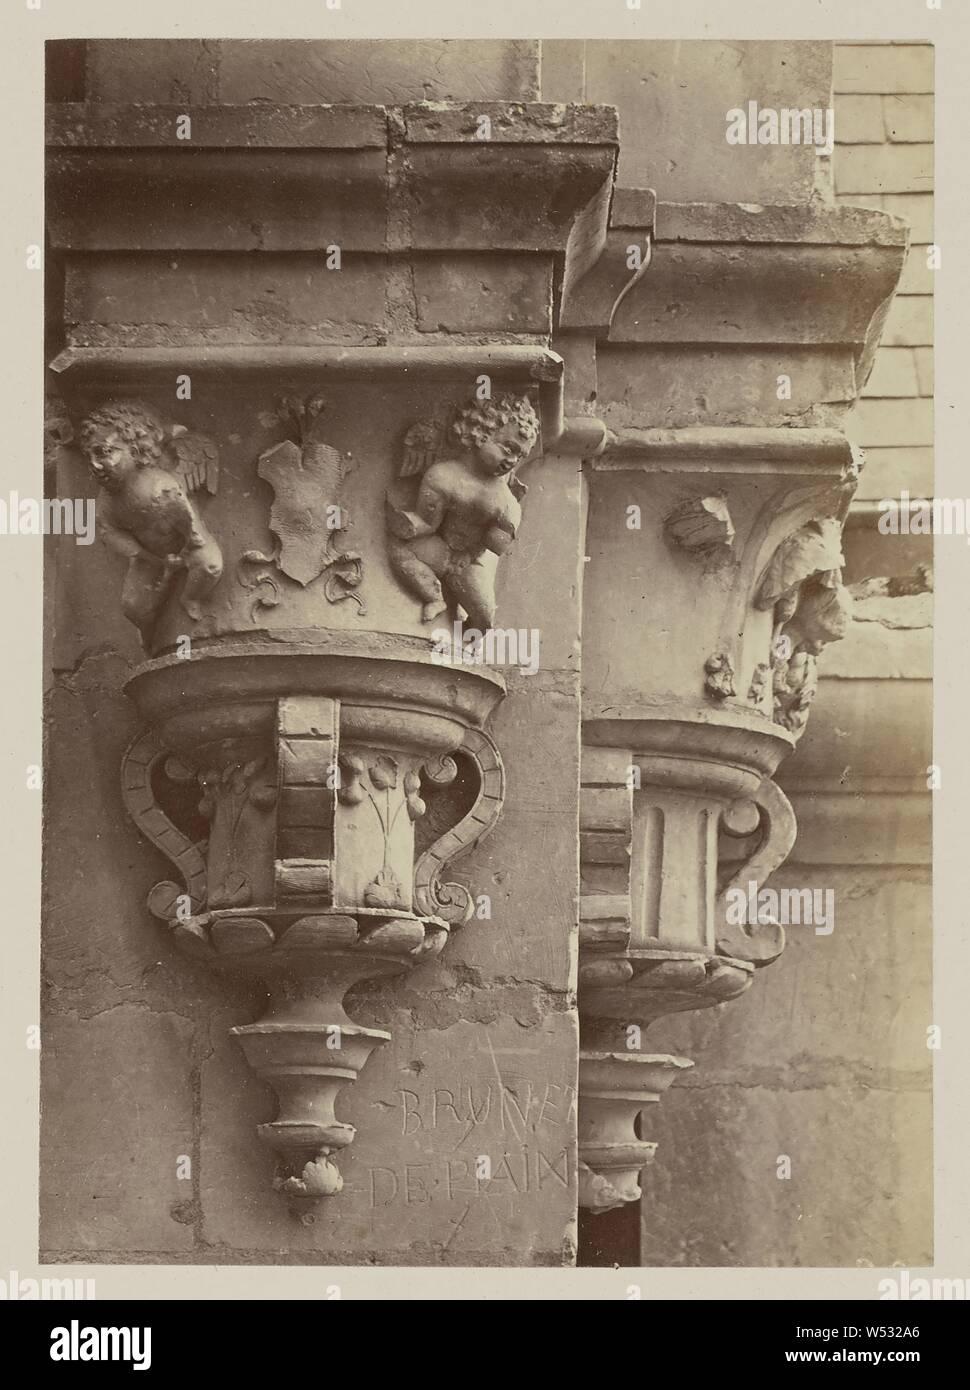 Architecte Interieur Paris 18 château de chambord: niches et culots, intérieur de la